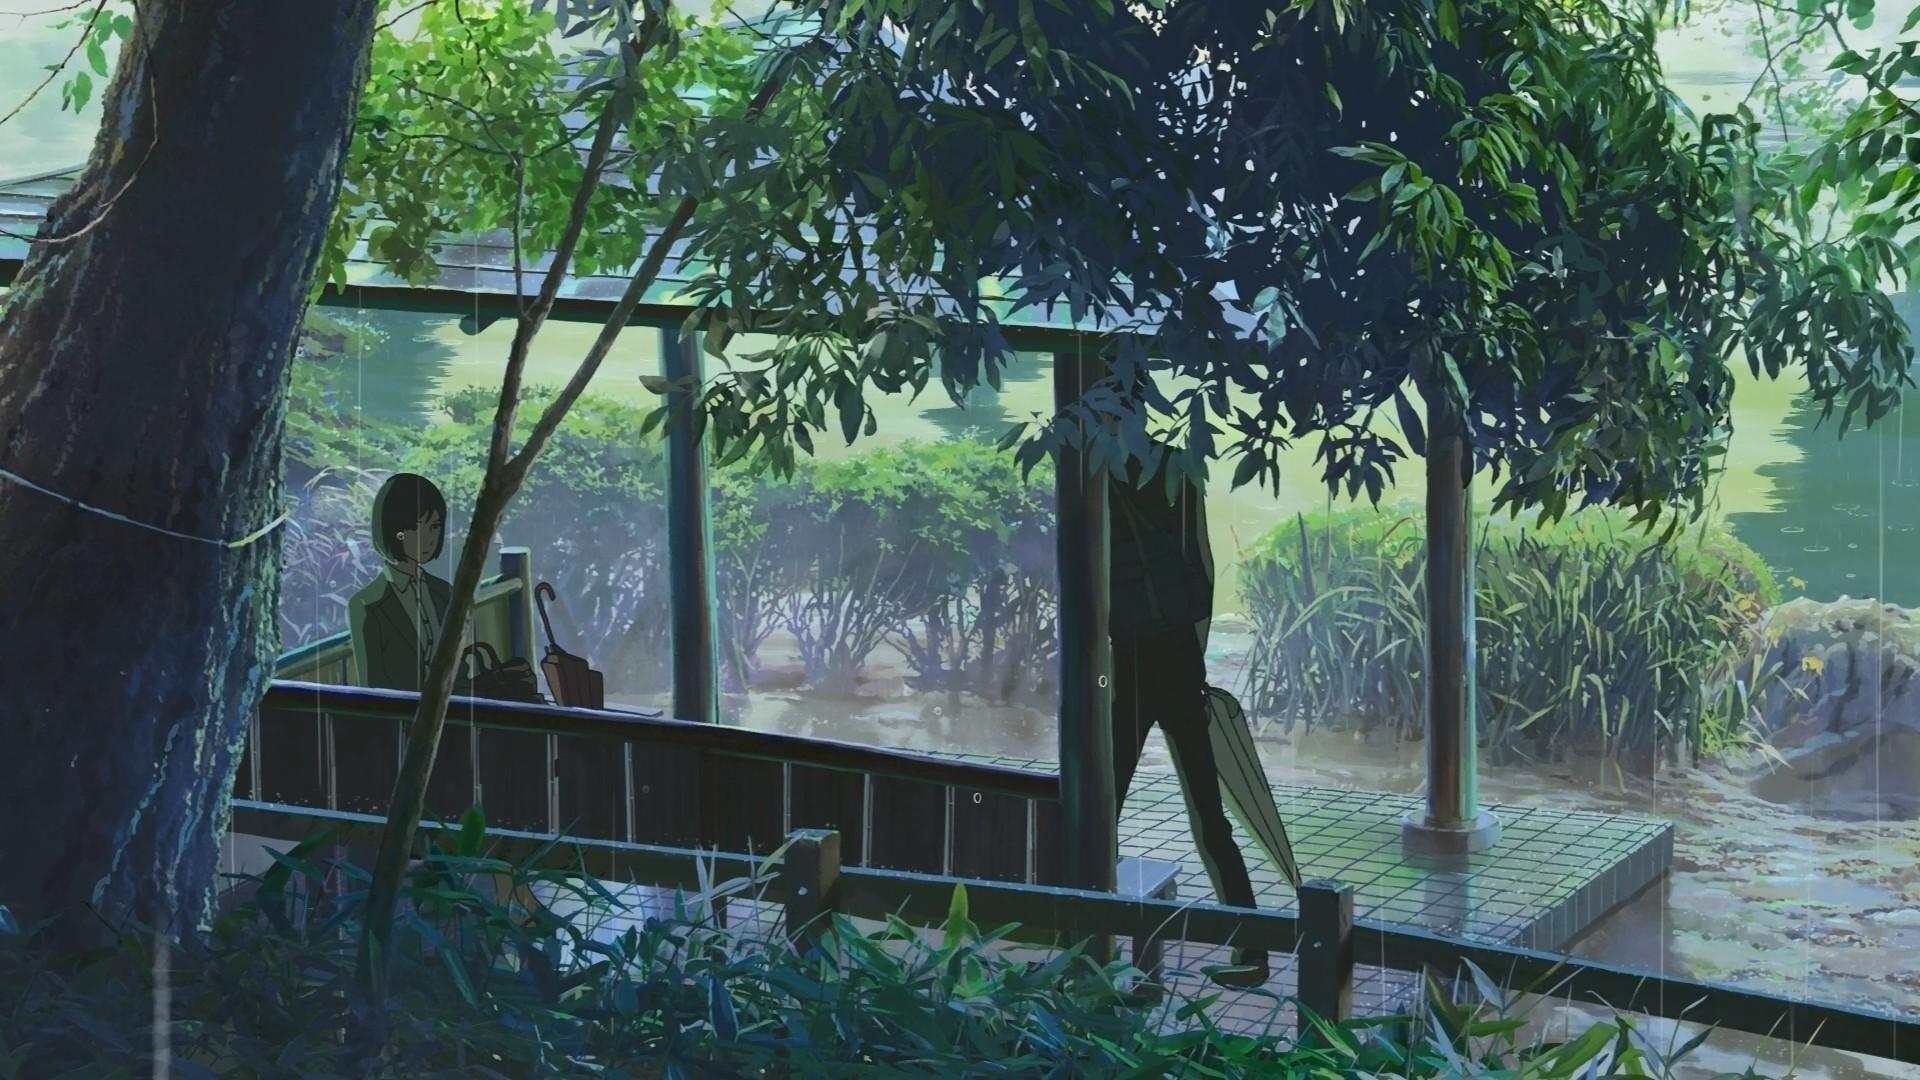 Garden Of Words wallpaper image